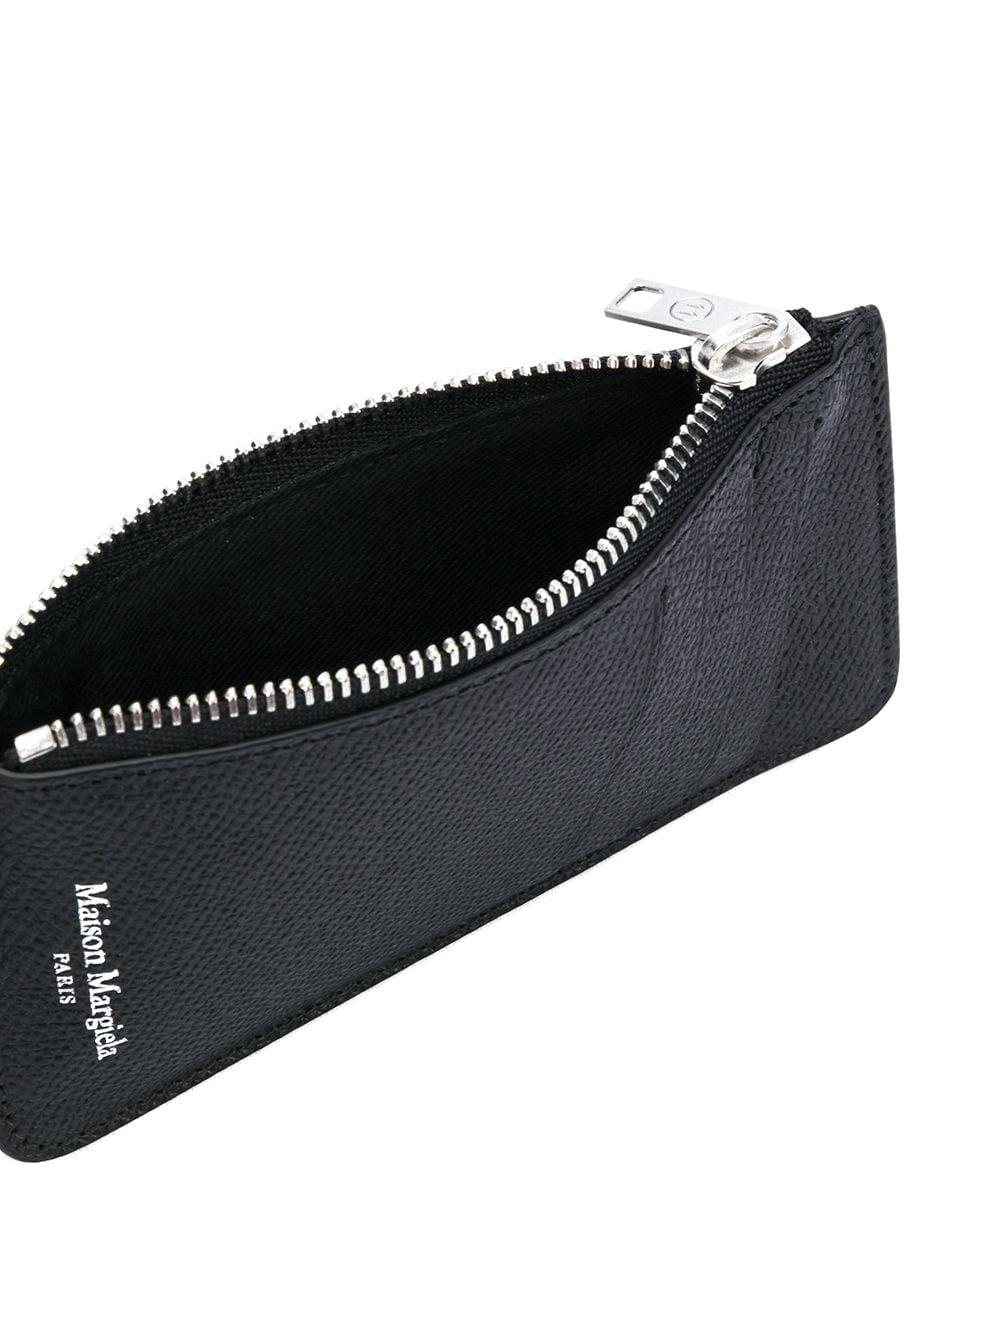 leather wallet man black MAISON MARGIELA | Wallets | S55UA0023 P0399T8013